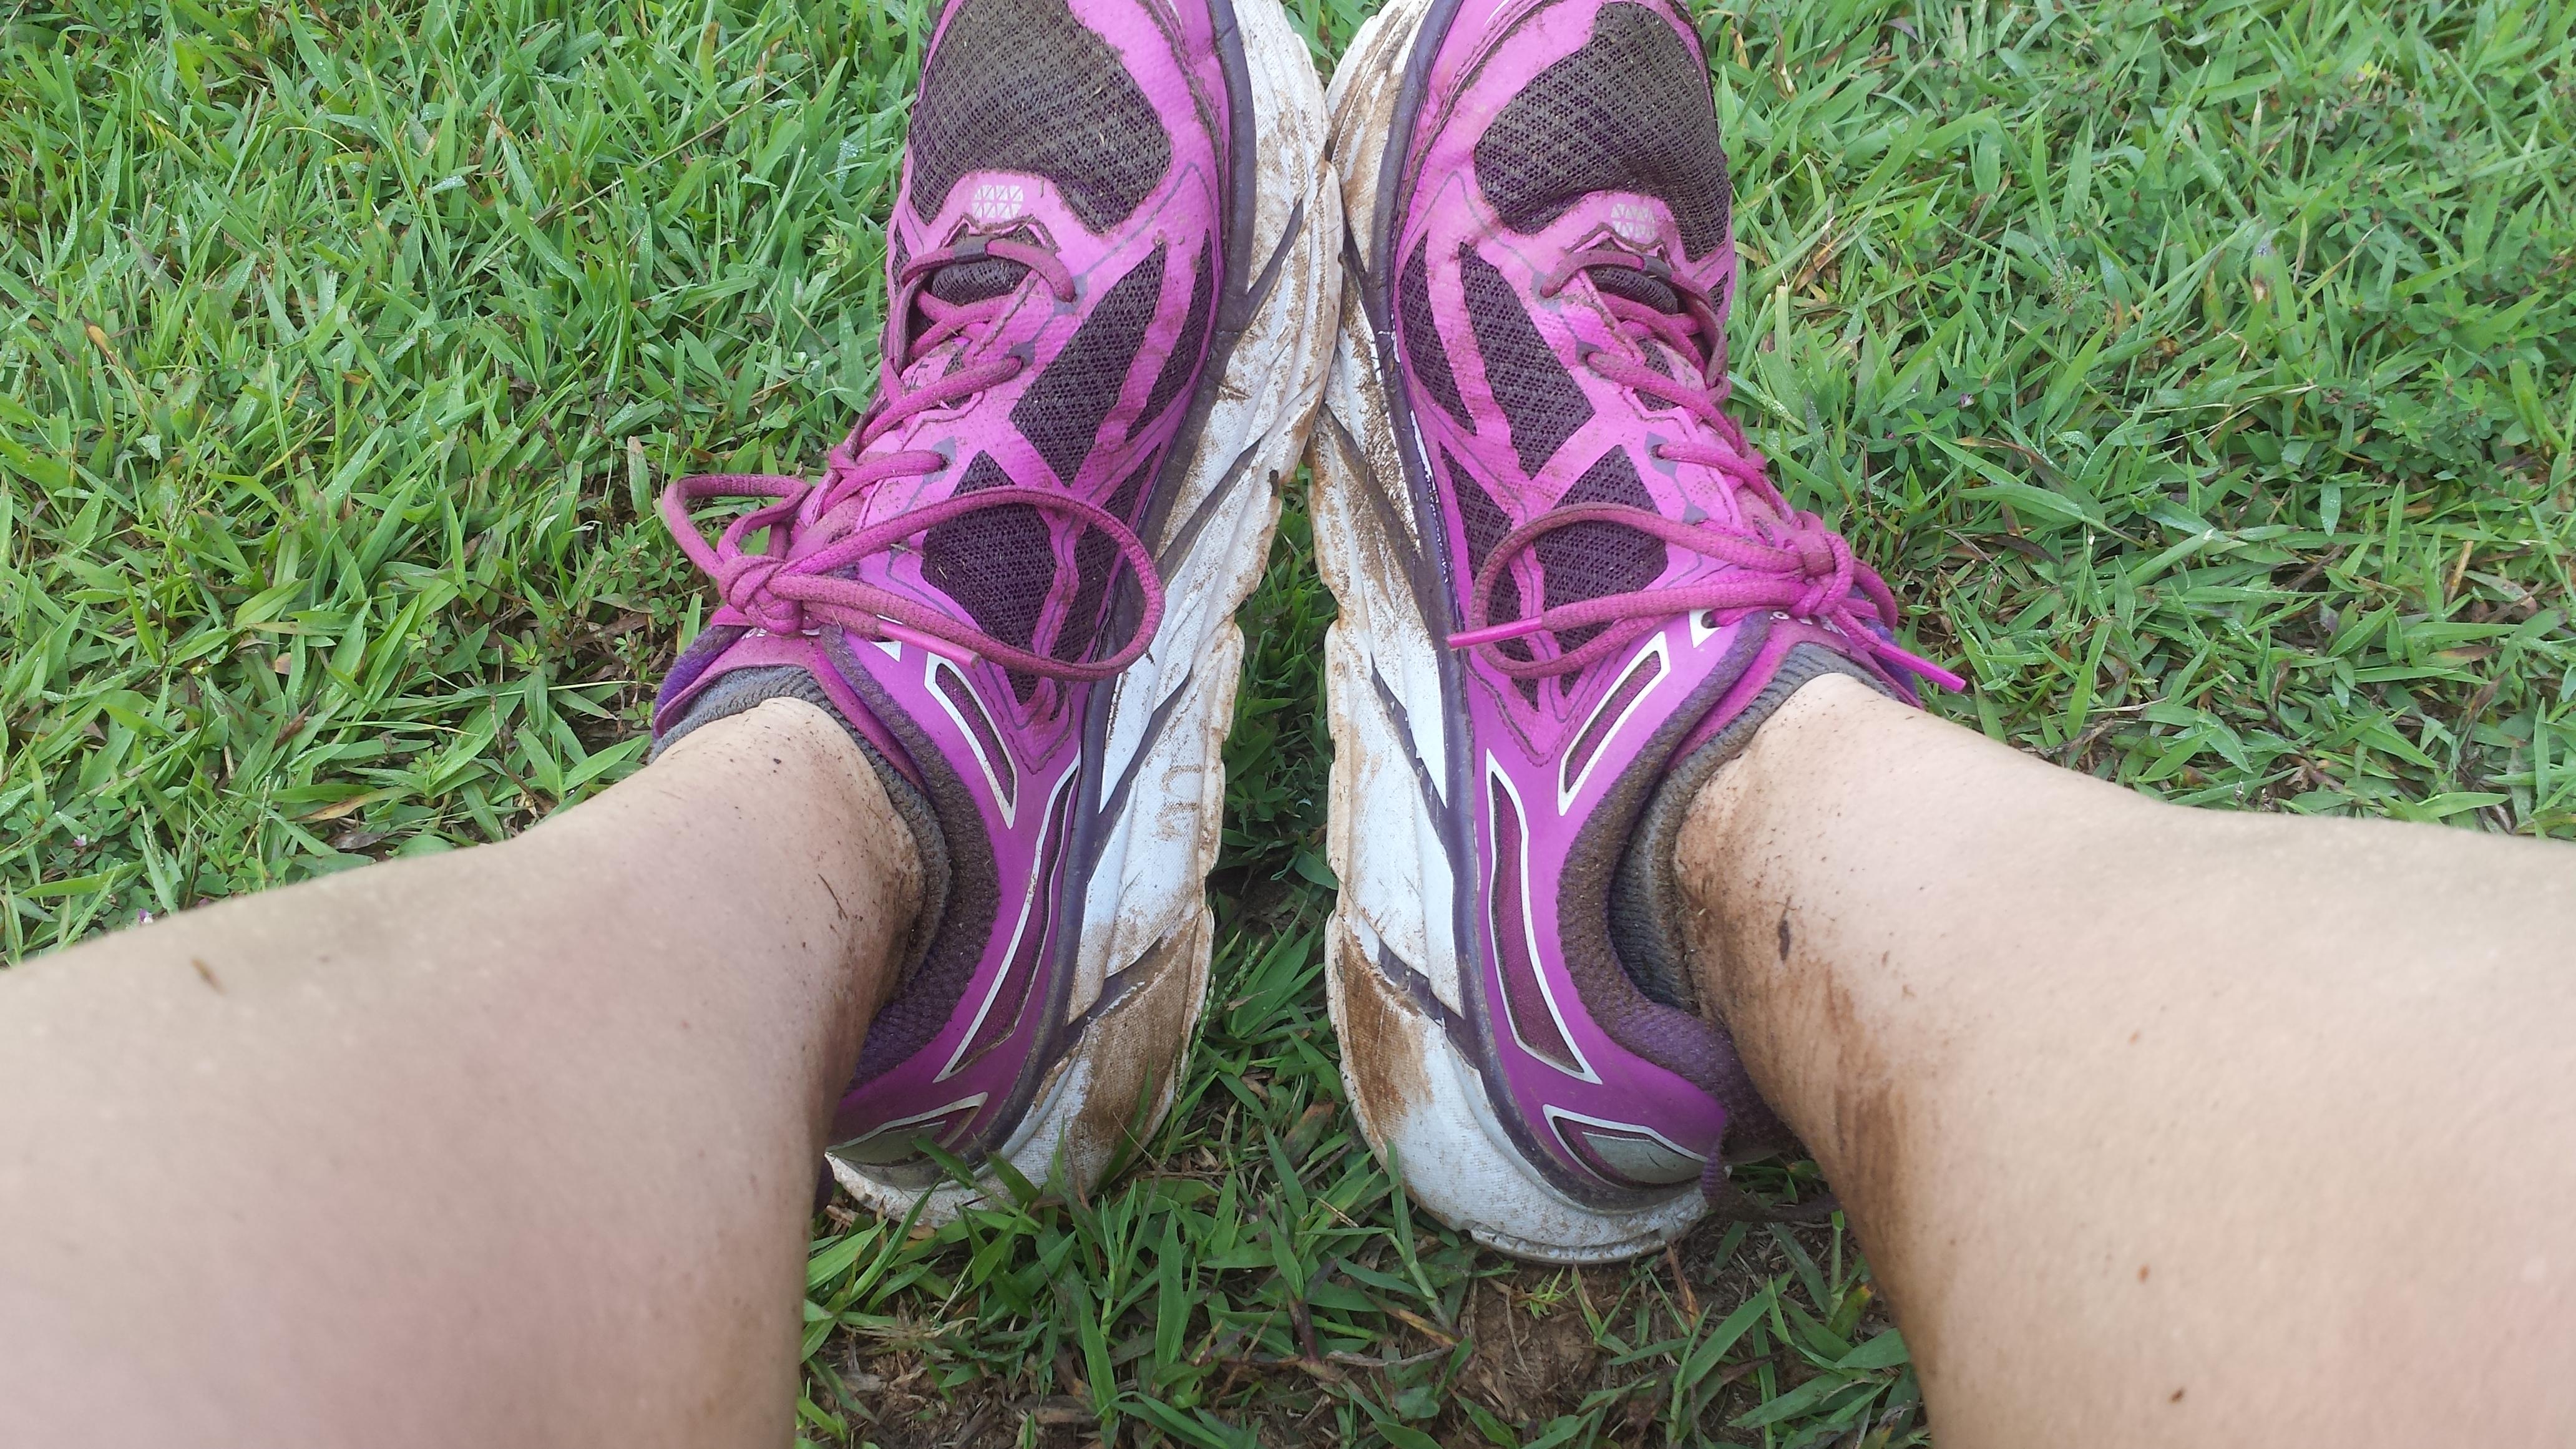 9-5-2015 - Post first trail run